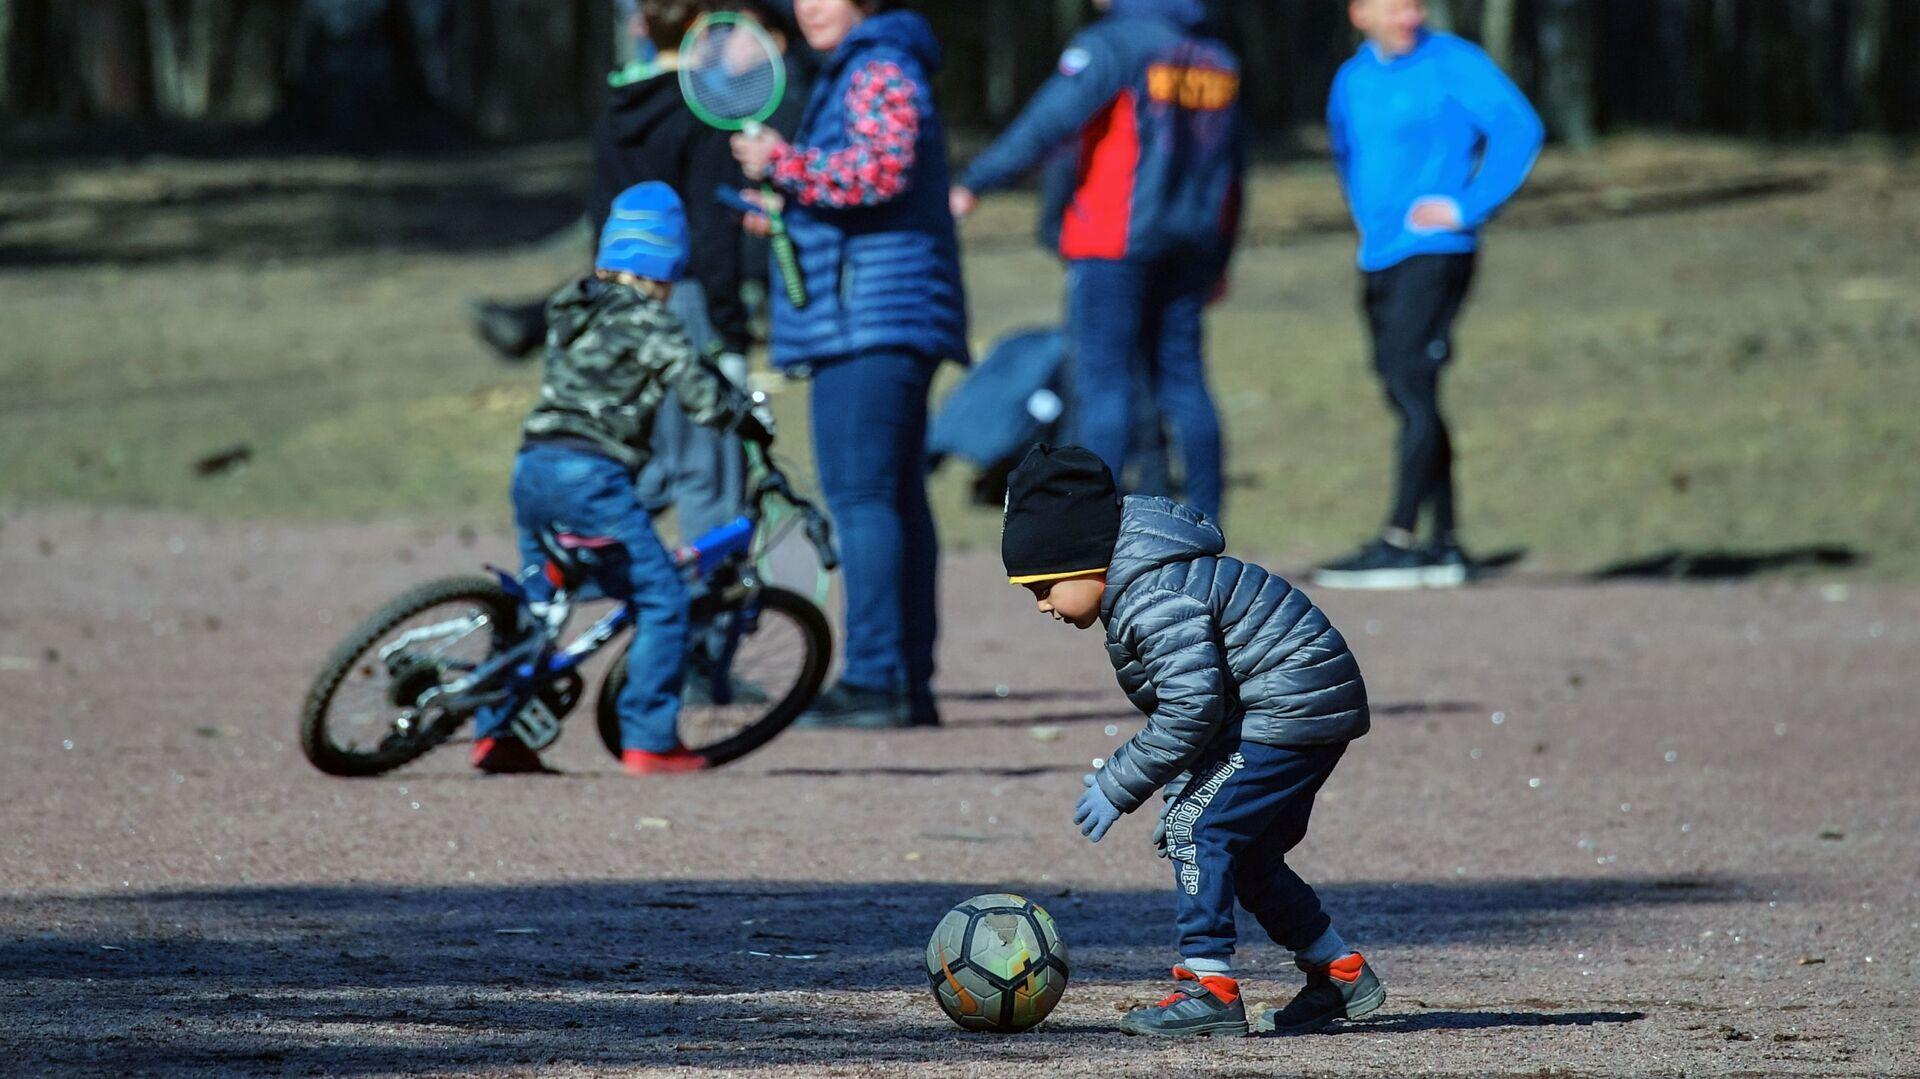 Deca se igraju u parku u Sankt Peterburgu - Sputnik Srbija, 1920, 06.10.2021